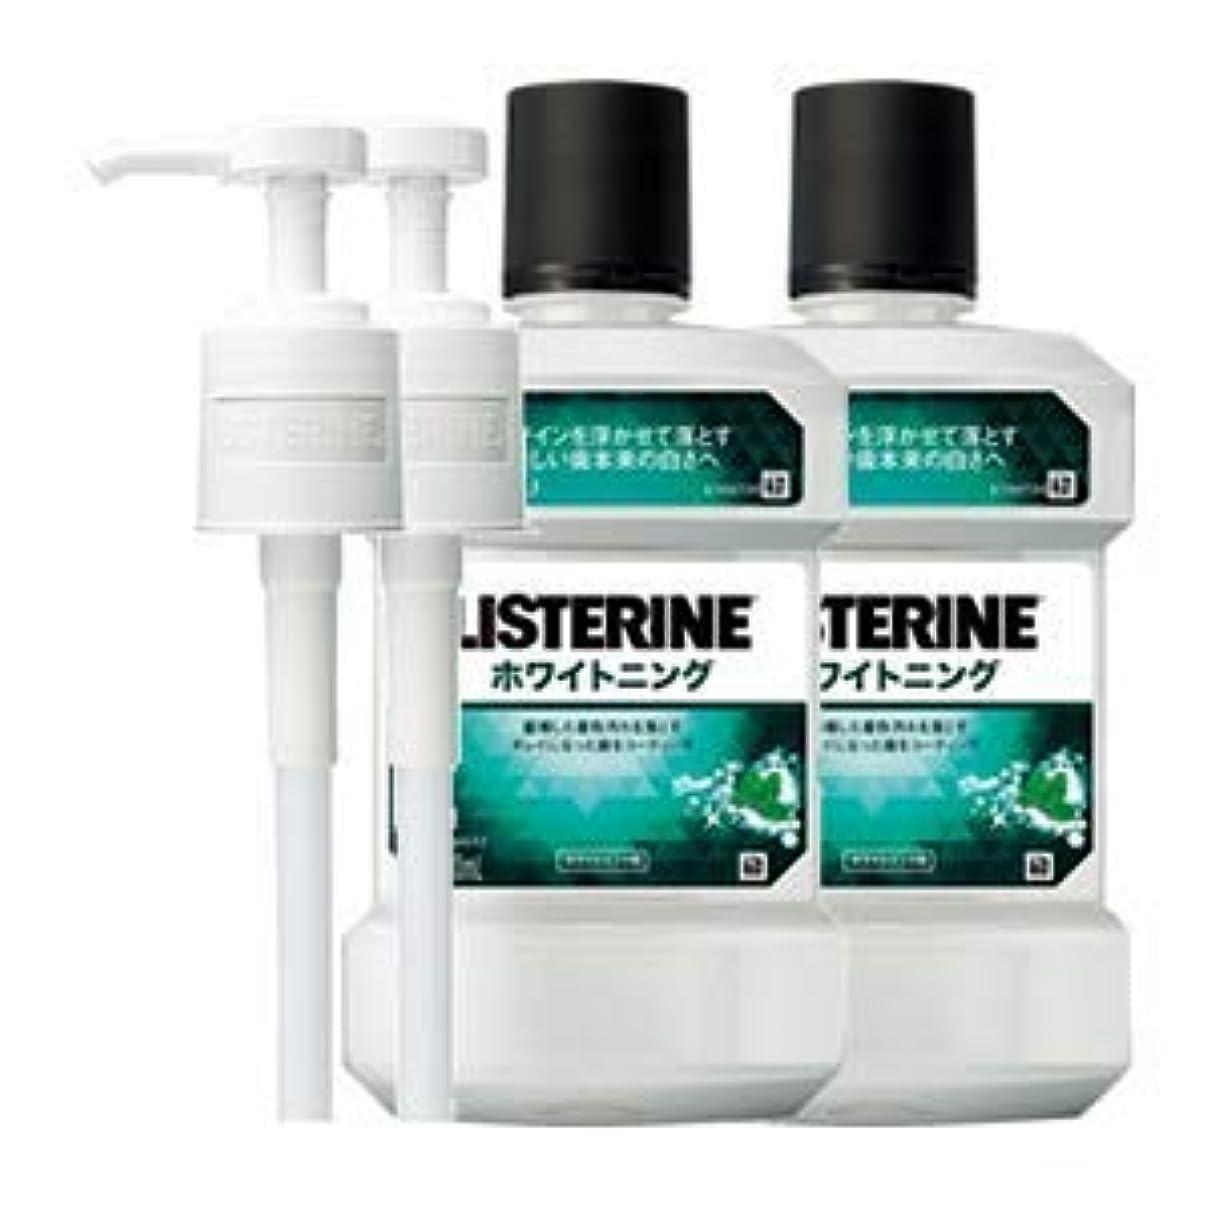 カポック足枷過半数薬用 リステリン ホワイトニング (液体歯磨) 1000mL 2点セット (ポンプ付)